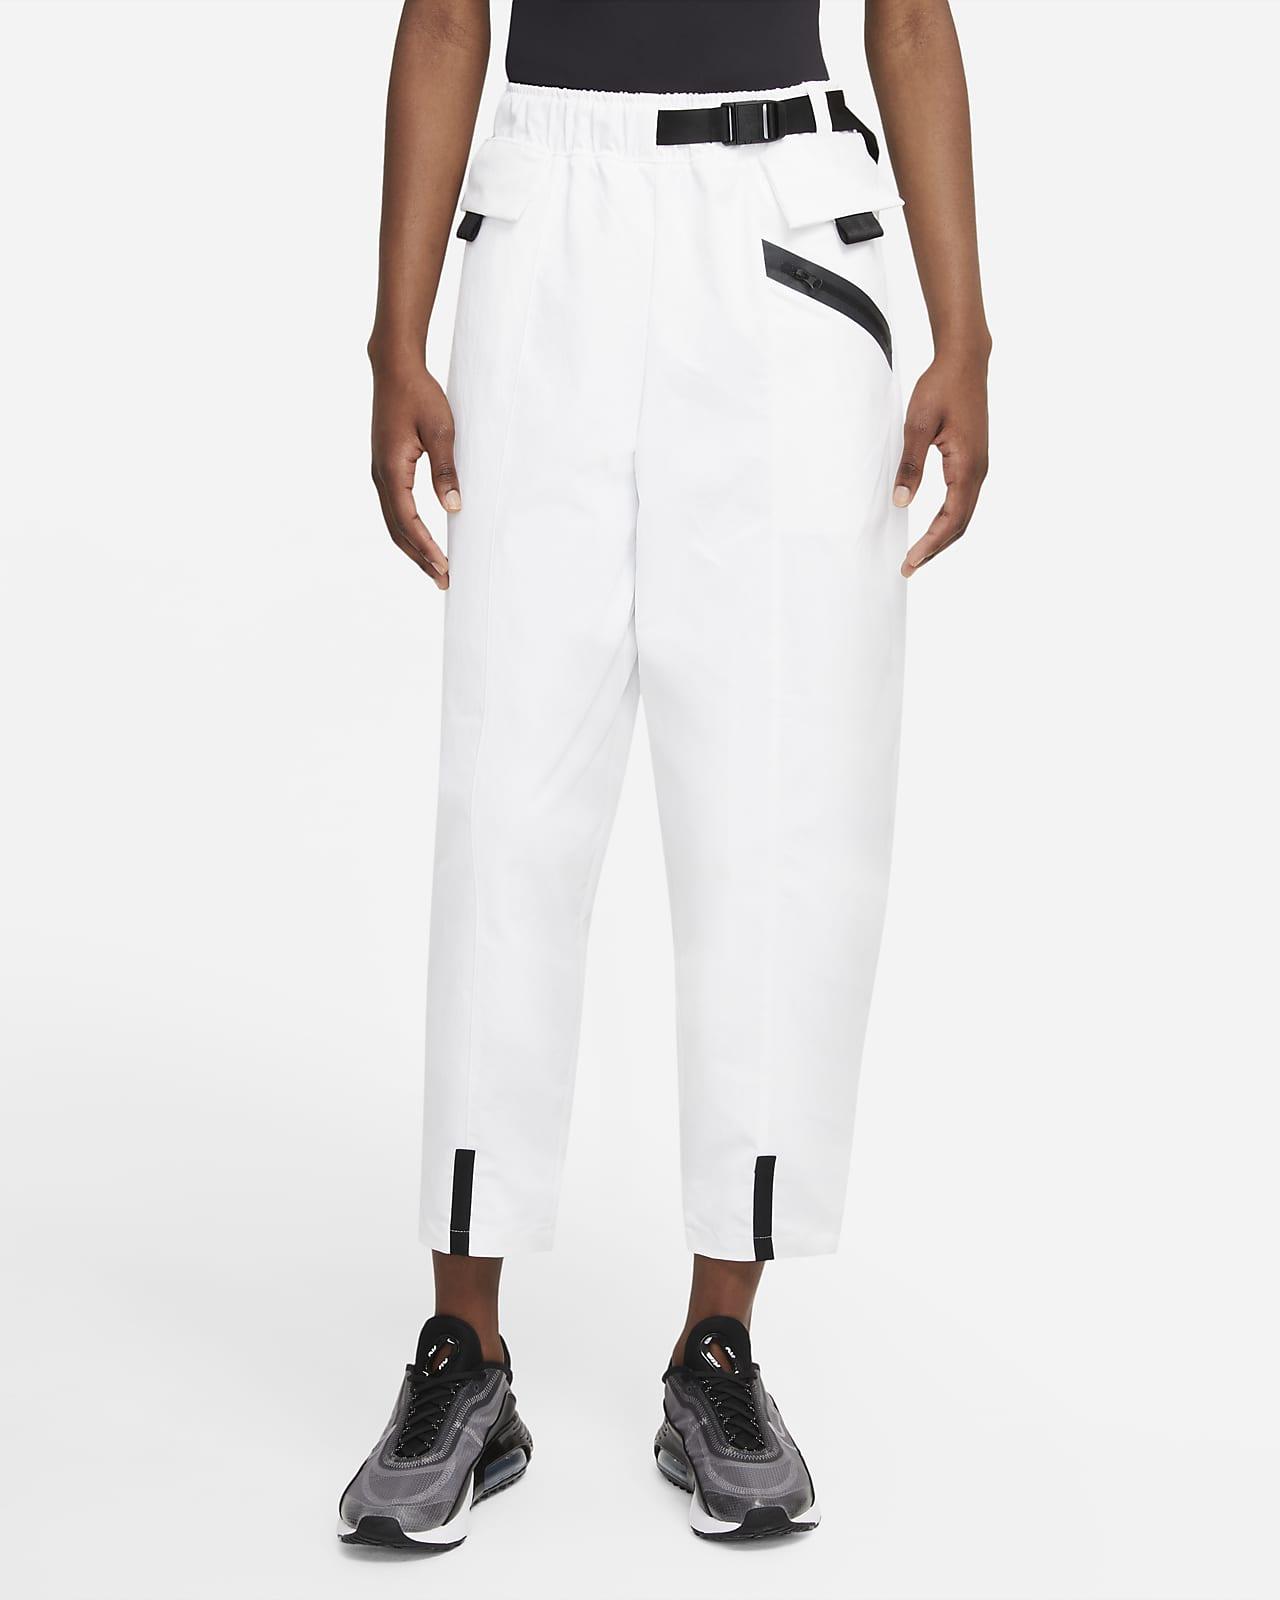 Nike Sportswear Tech Pack Kavisli Dokuma Kadın Eşofman Altı